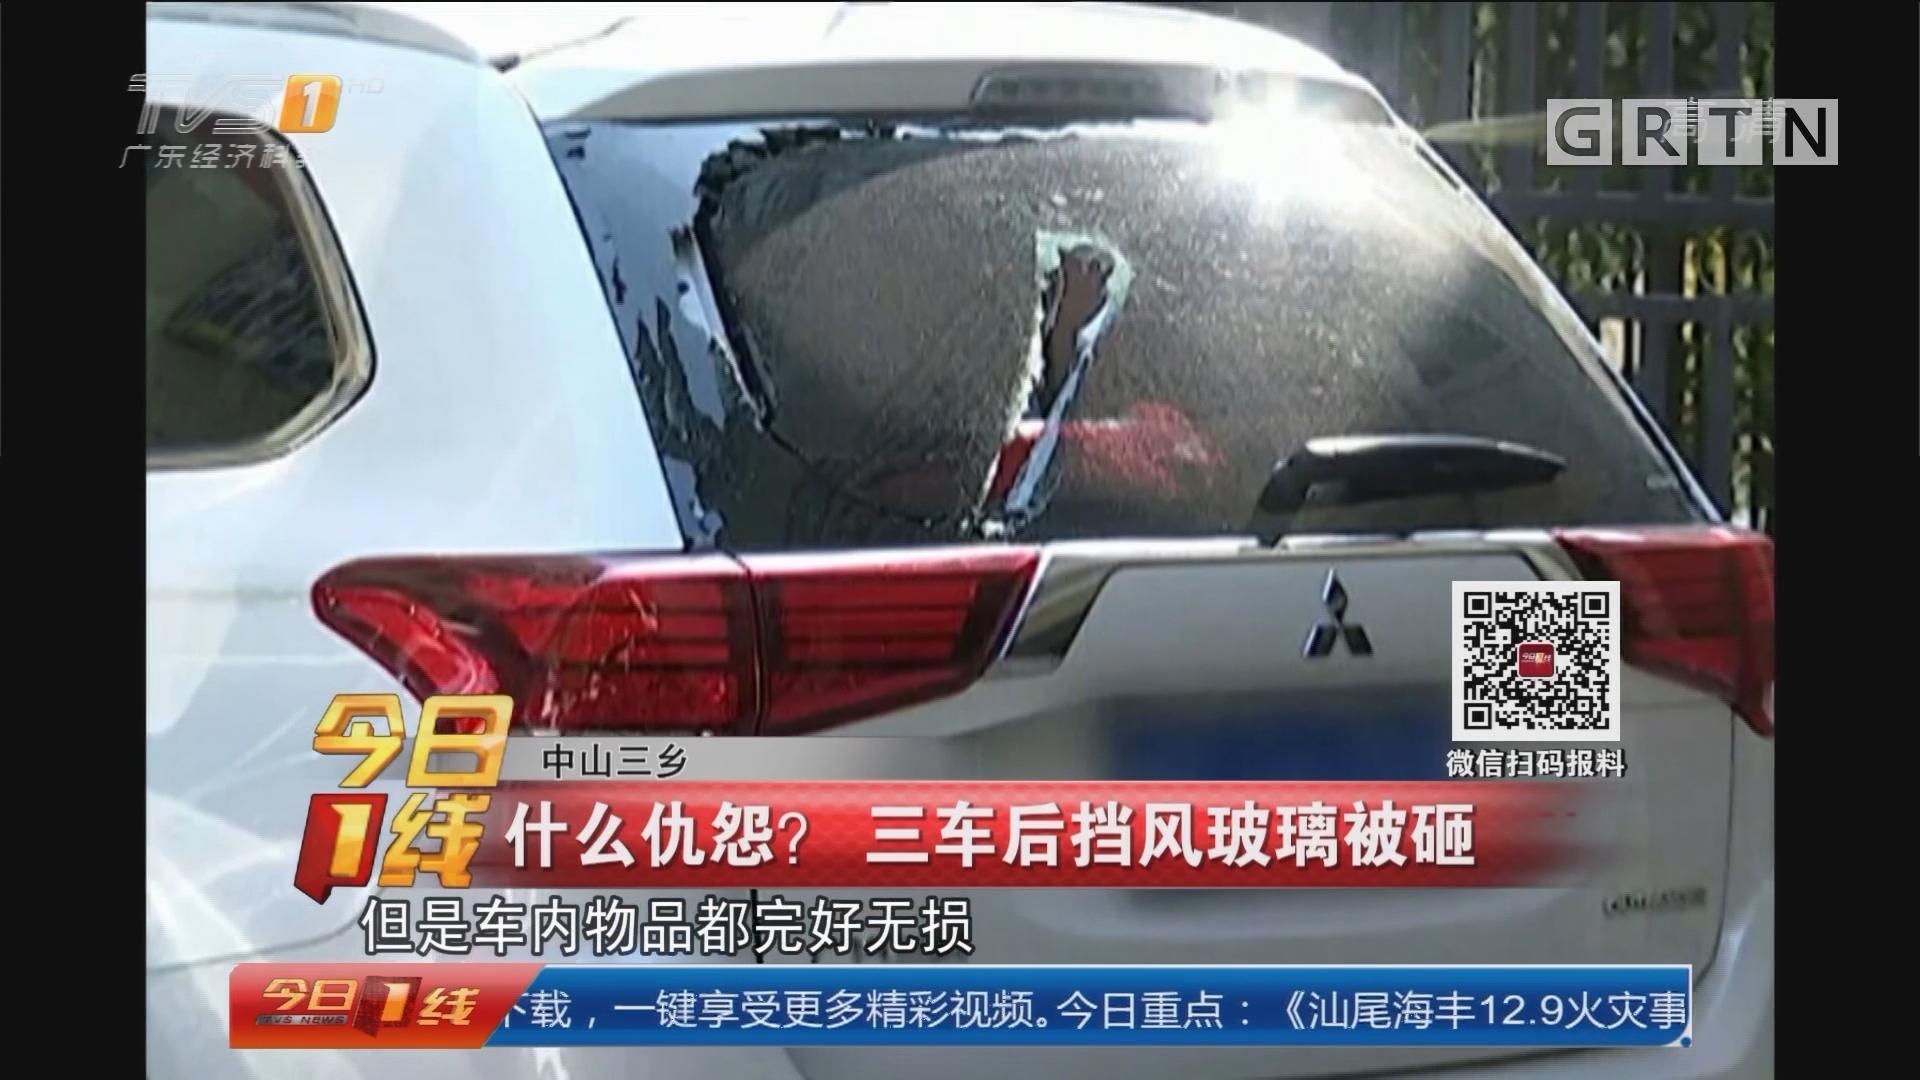 中山三乡:什么仇怨?三车后挡风玻璃被砸